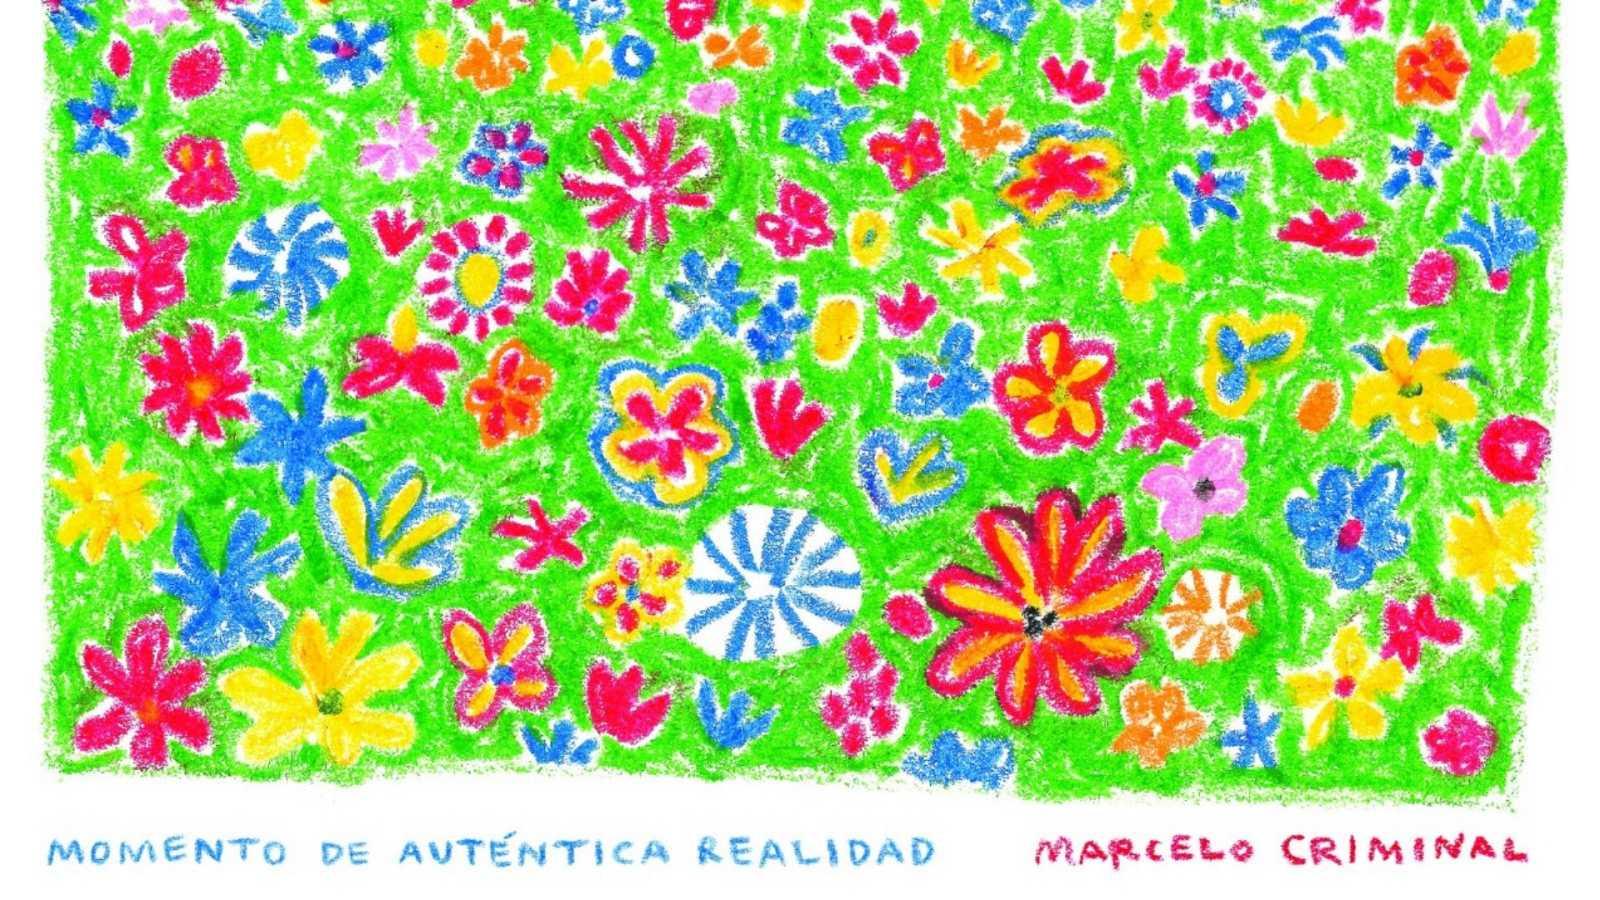 Hoy empieza todo con Marta Echeverría - Vida, muerte y revival: Marcelo Criminal, Rigola y casetes - 30/11/20 - escuchar ahora